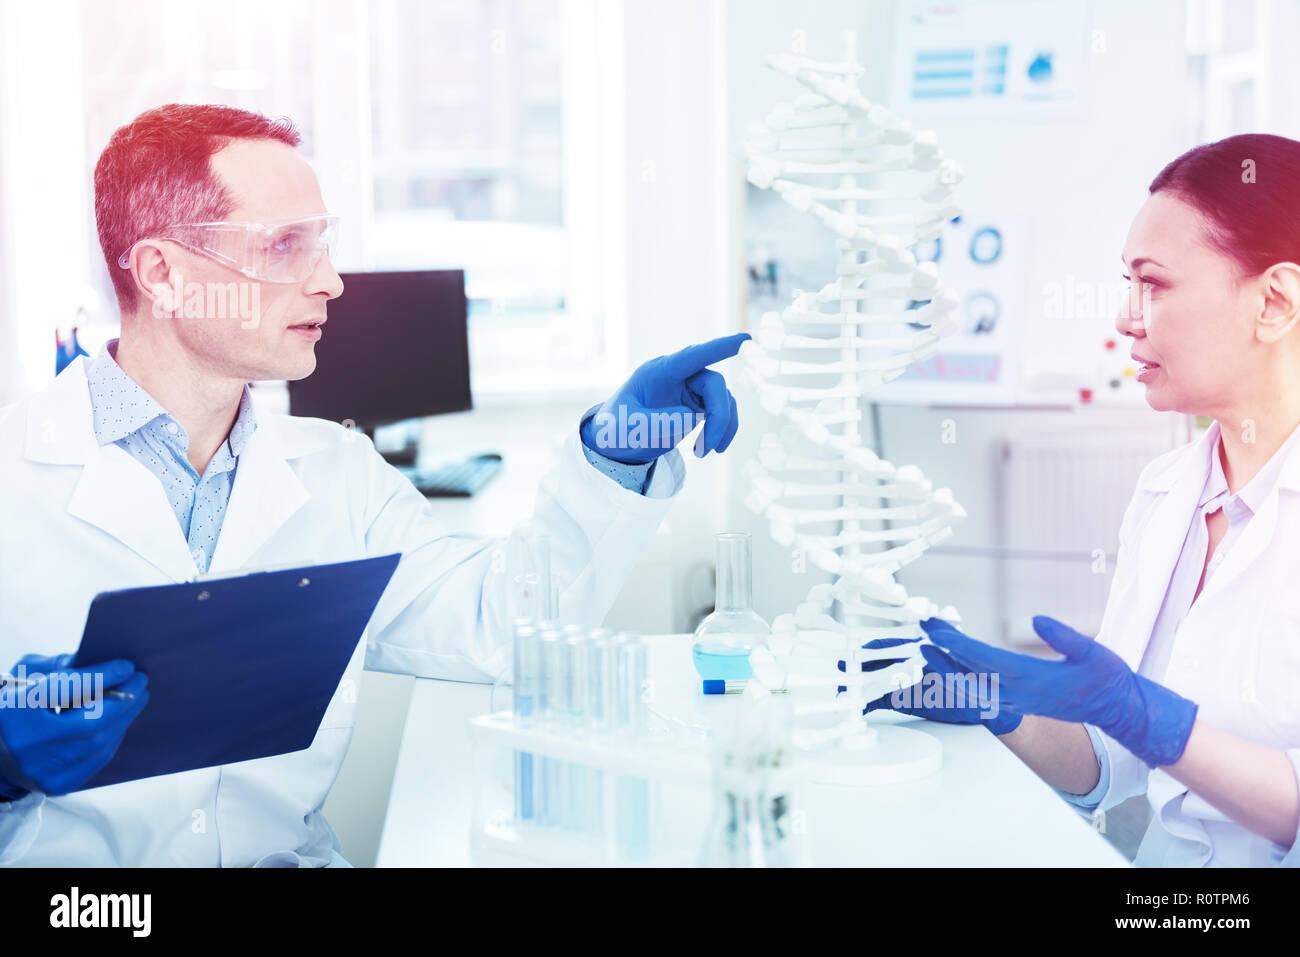 Ernsthafte junge Mann an der DNA-Modell zeigen Stockbild